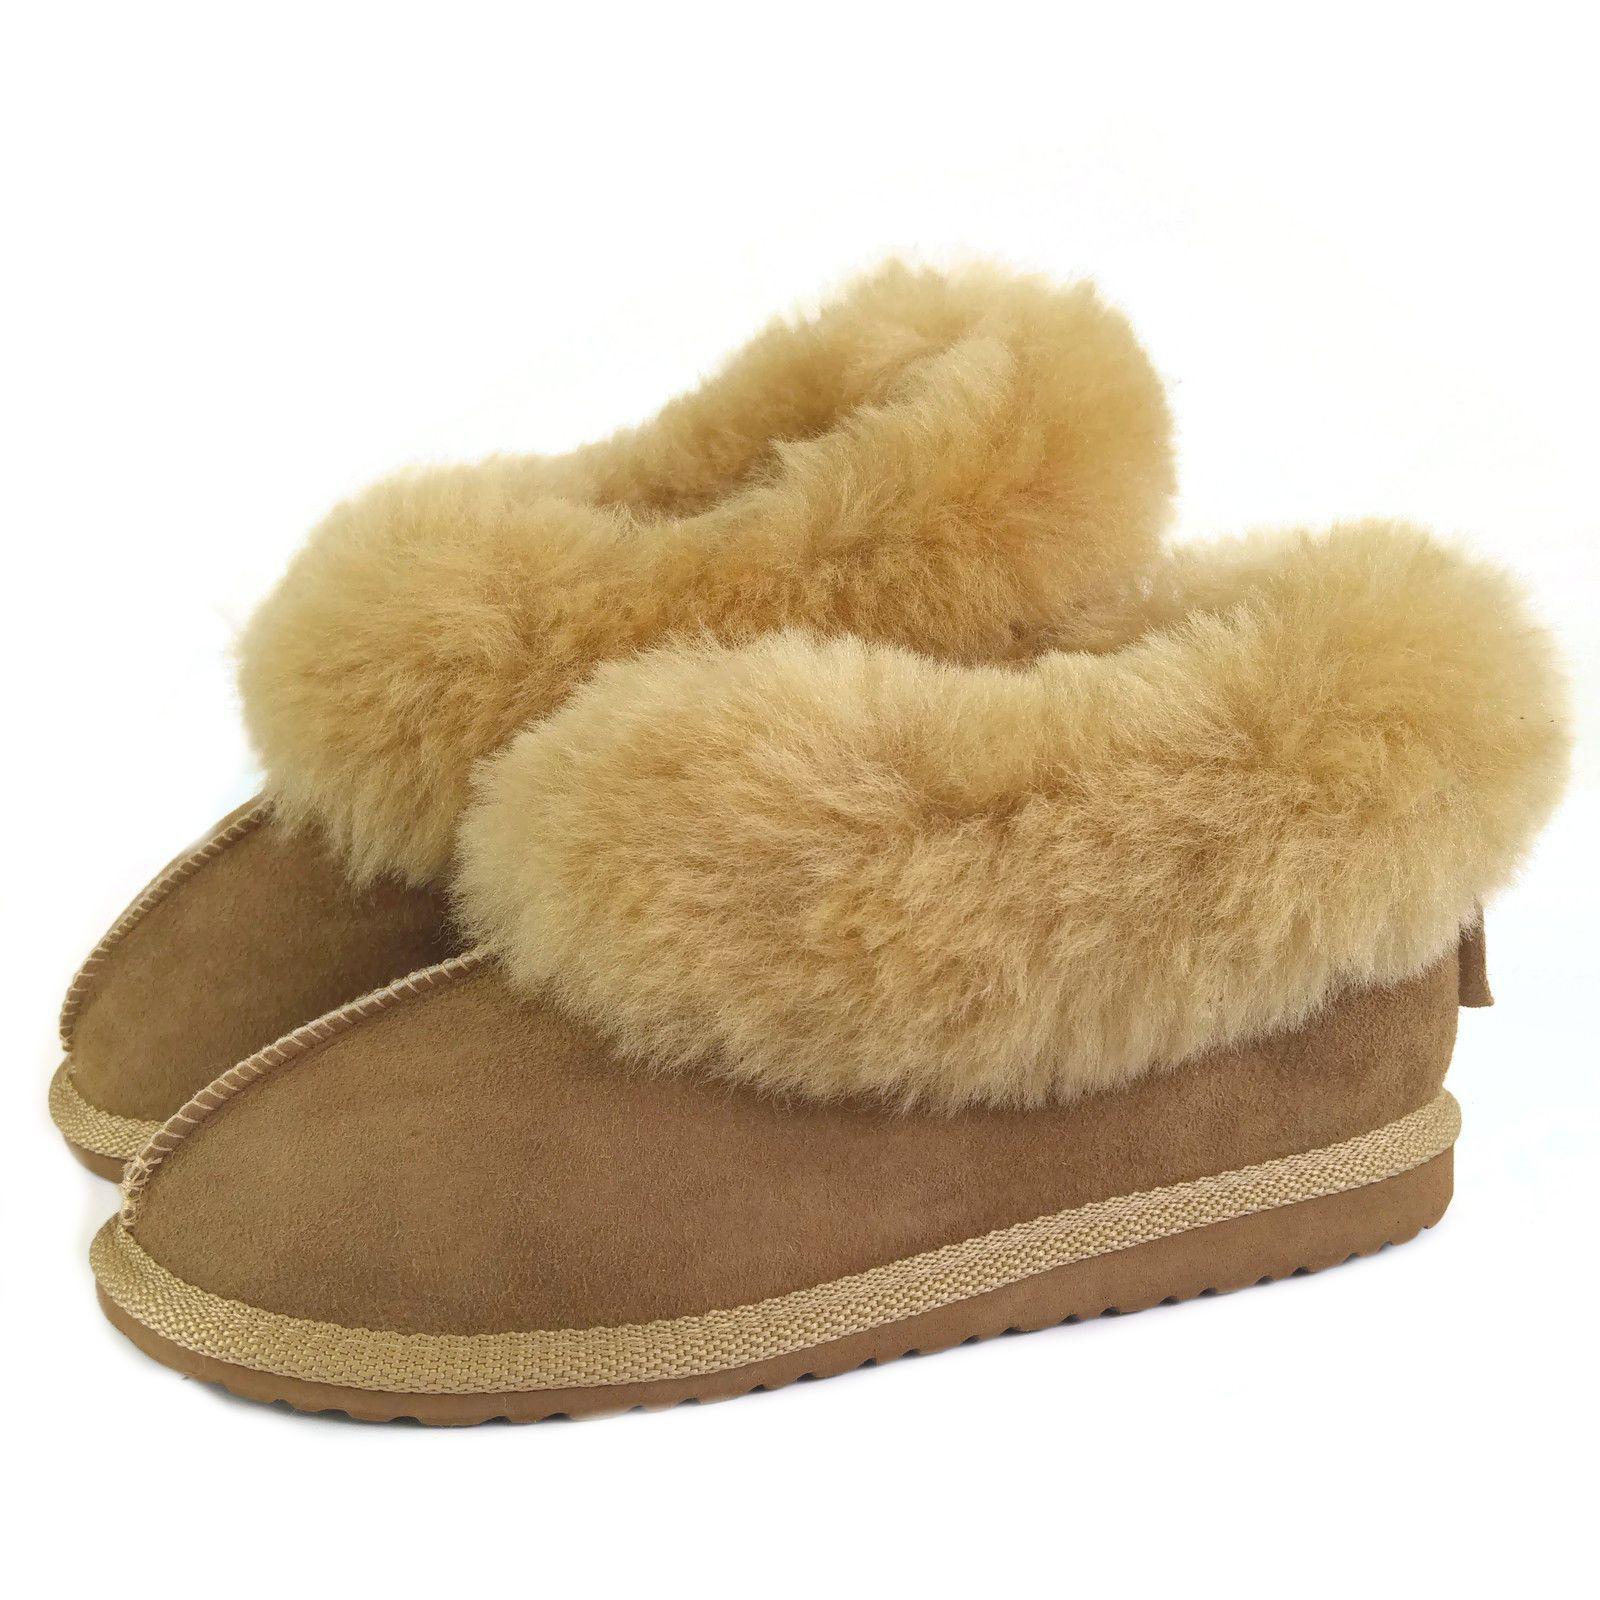 New Ladies Handmade Premium 100% Pure Twinface Sheepskin Slippers EVA Sole Box